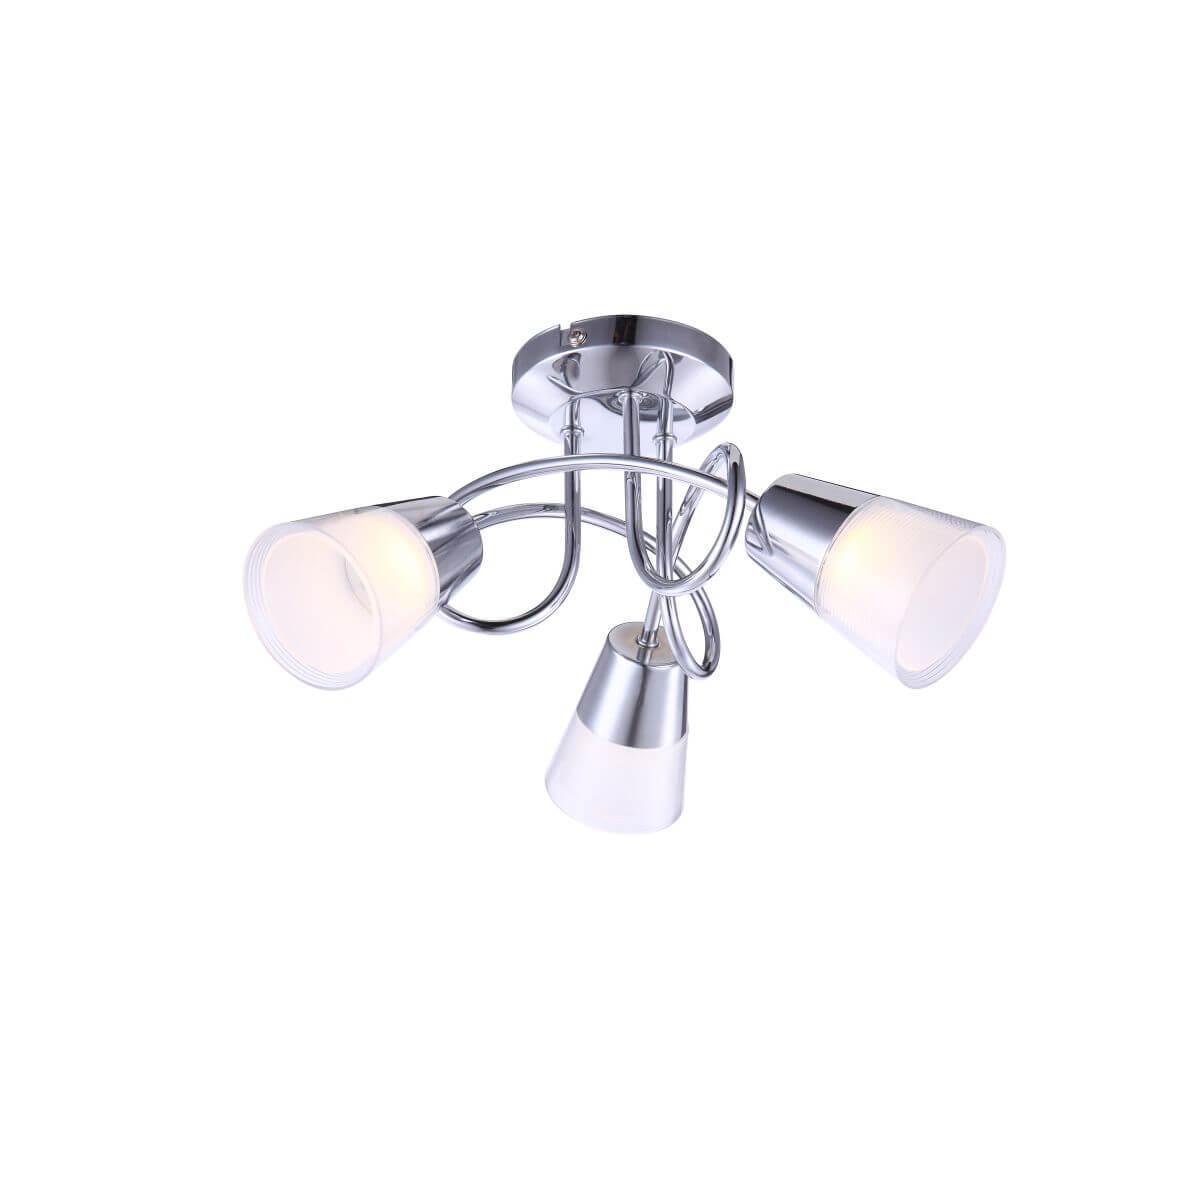 Потолочный светильник Globo 56185-3D, LED, 3 Вт потолочная люстра globo tieka 56185 3d